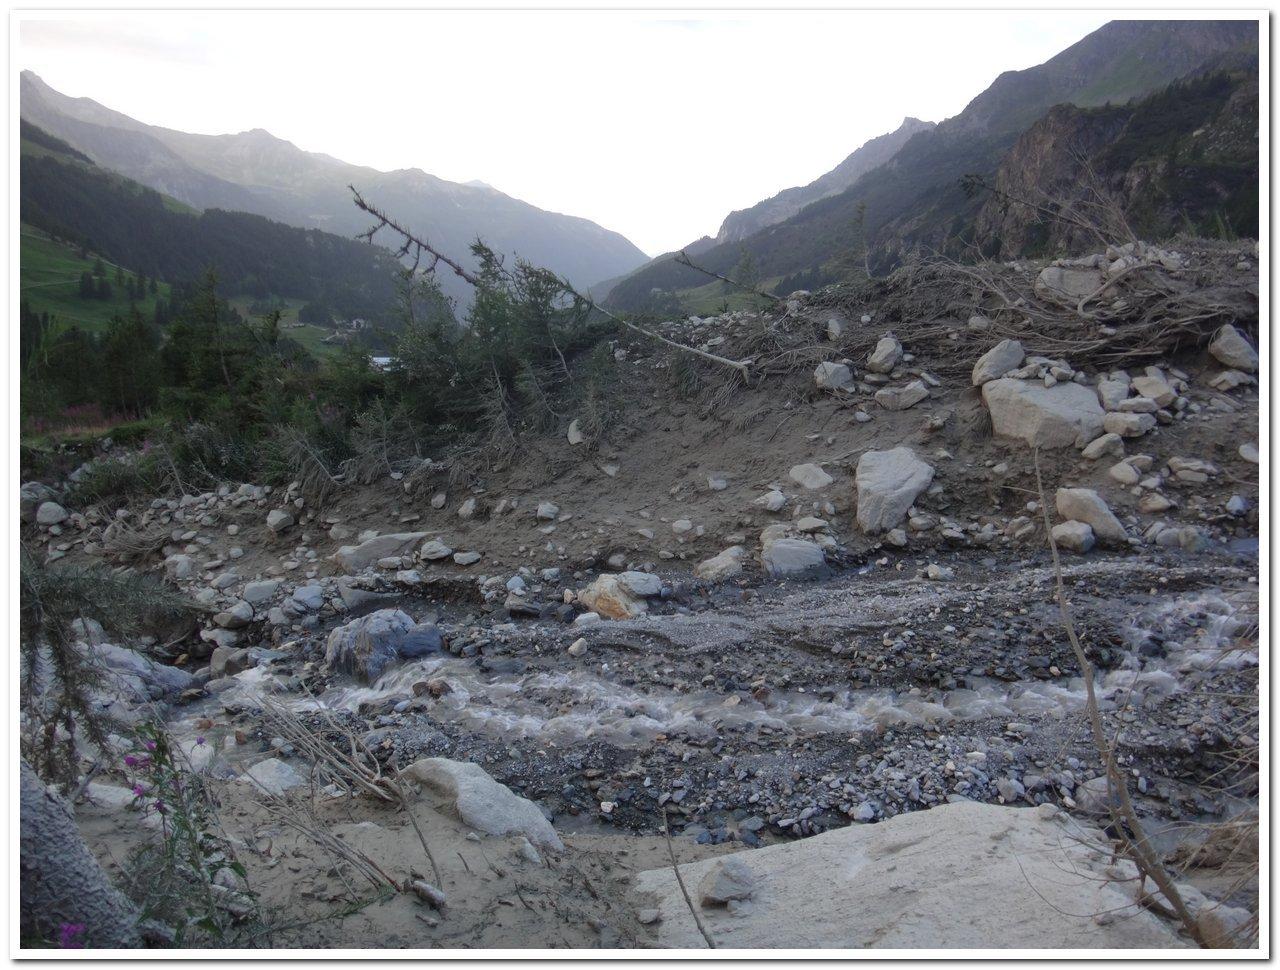 Il vallone sconvolto dall'alluvione